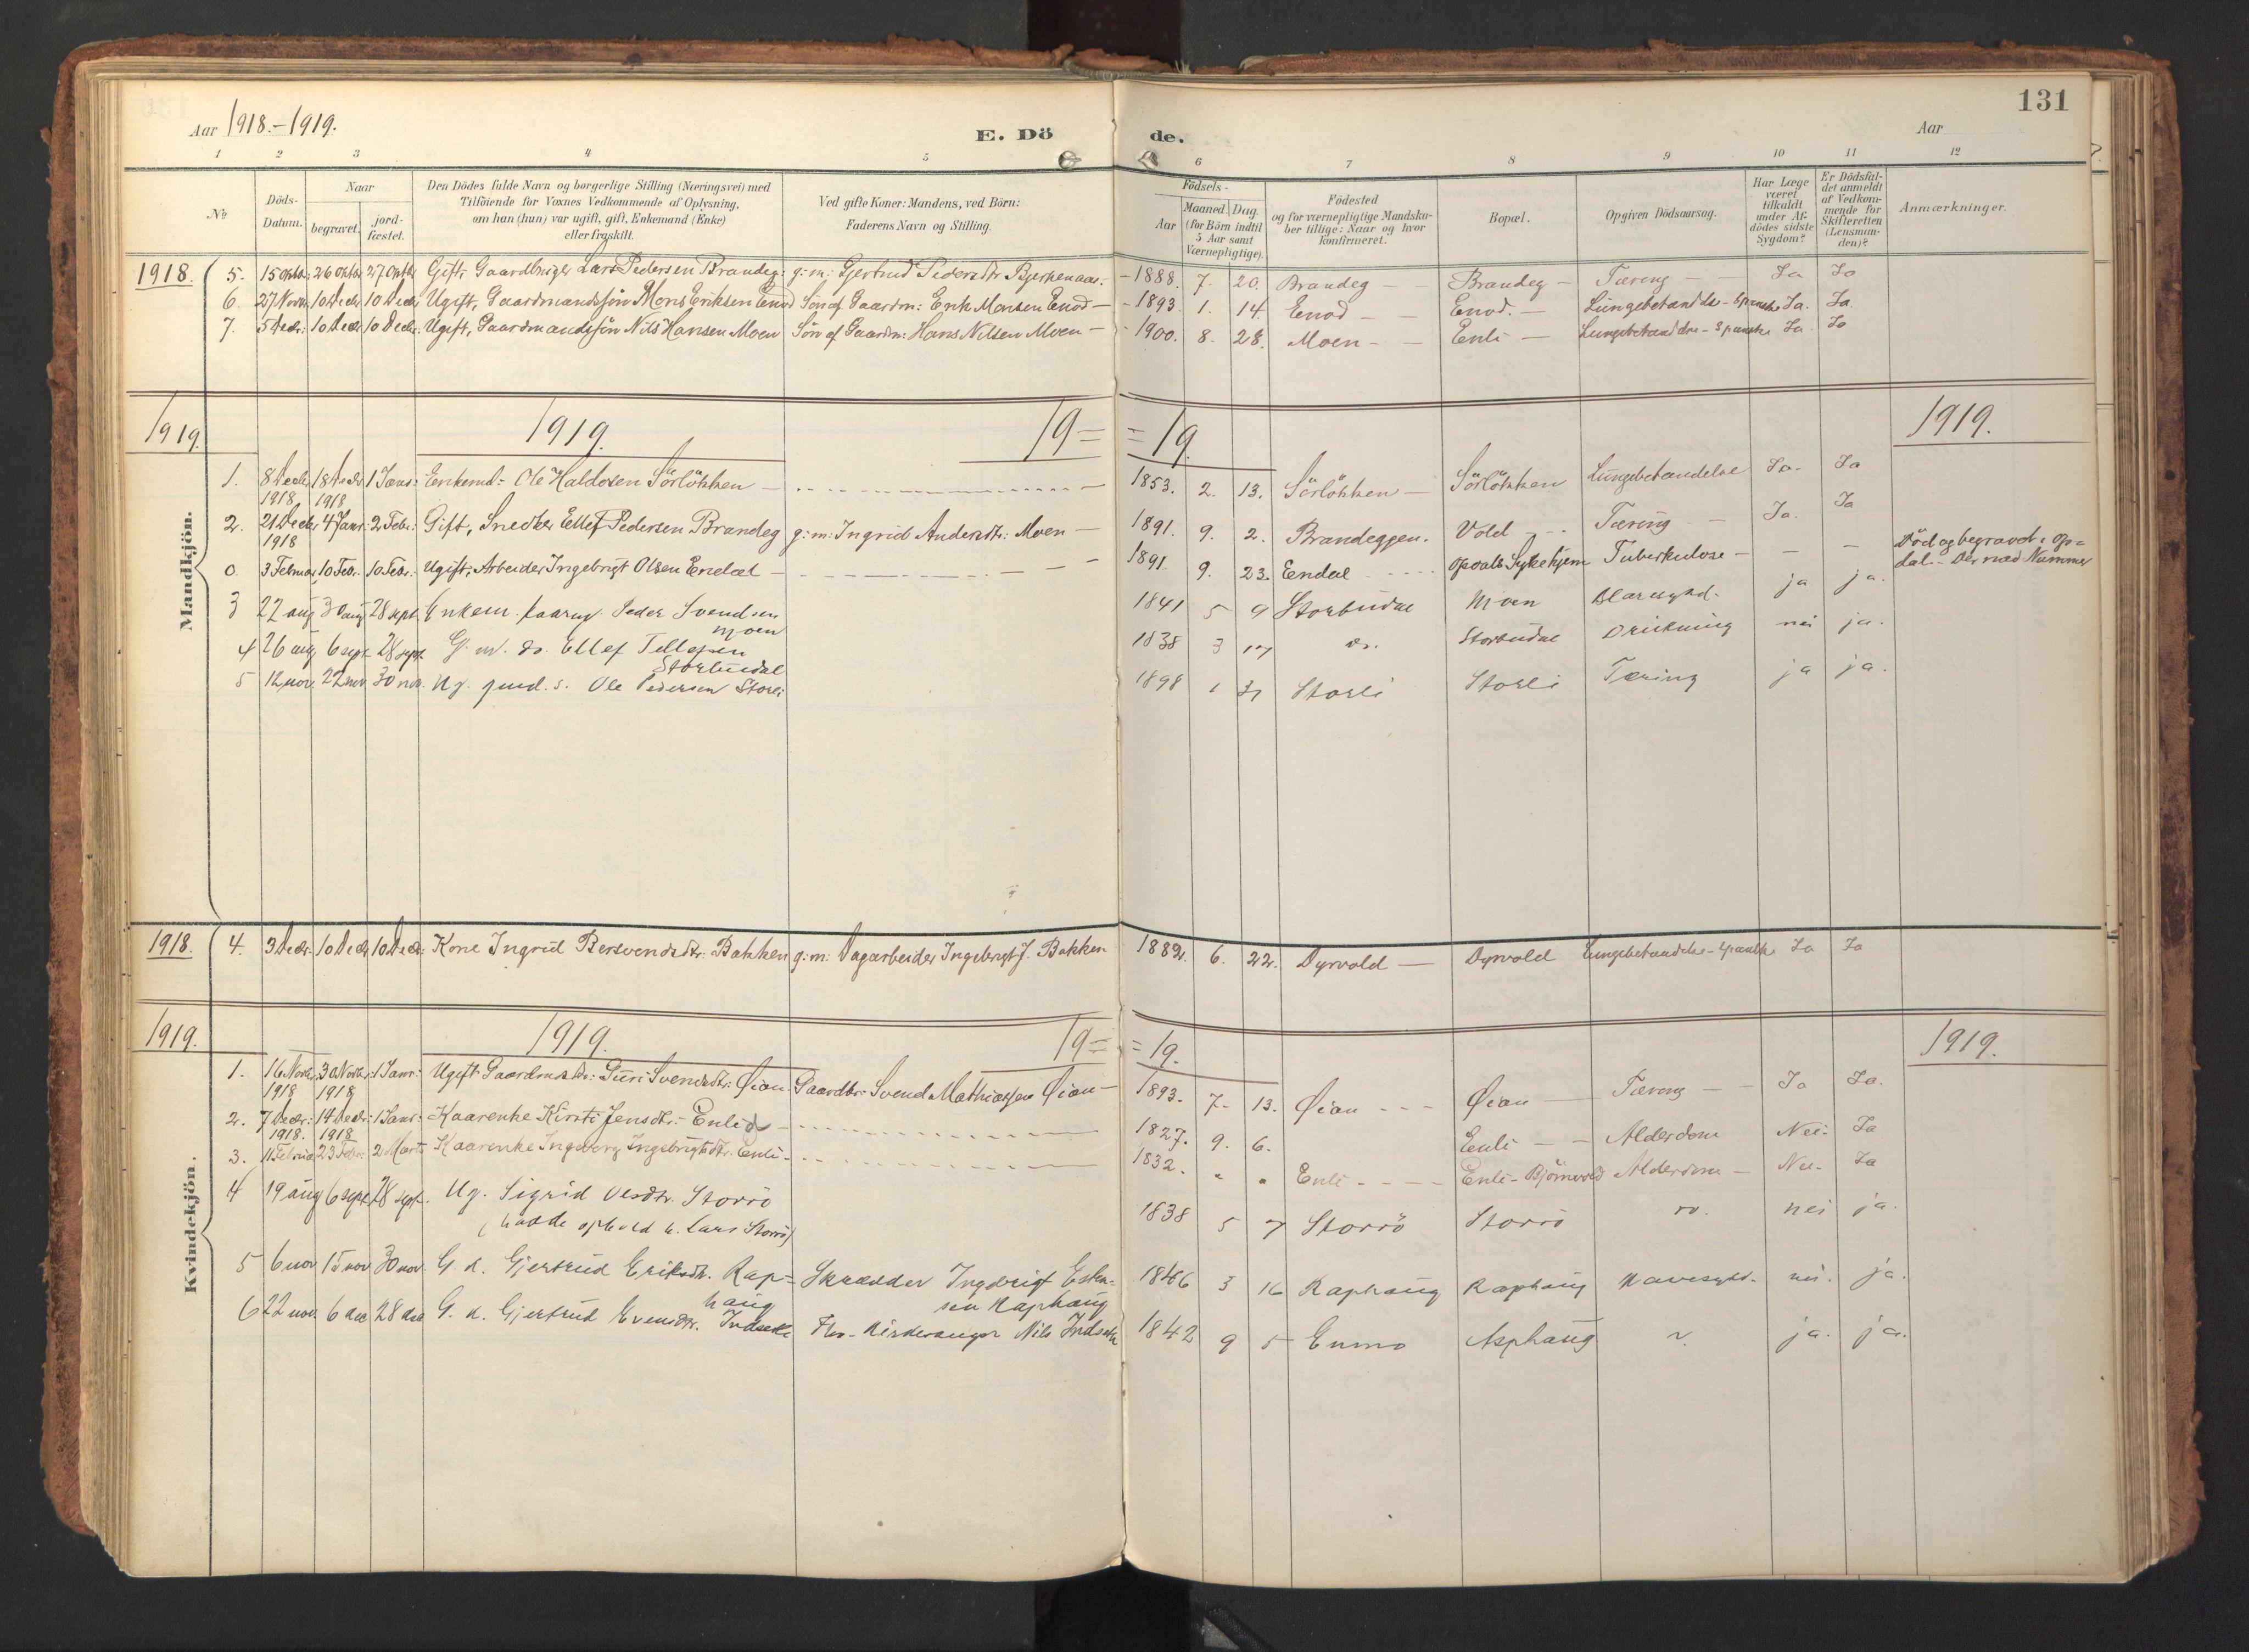 SAT, Ministerialprotokoller, klokkerbøker og fødselsregistre - Sør-Trøndelag, 690/L1050: Ministerialbok nr. 690A01, 1889-1929, s. 131